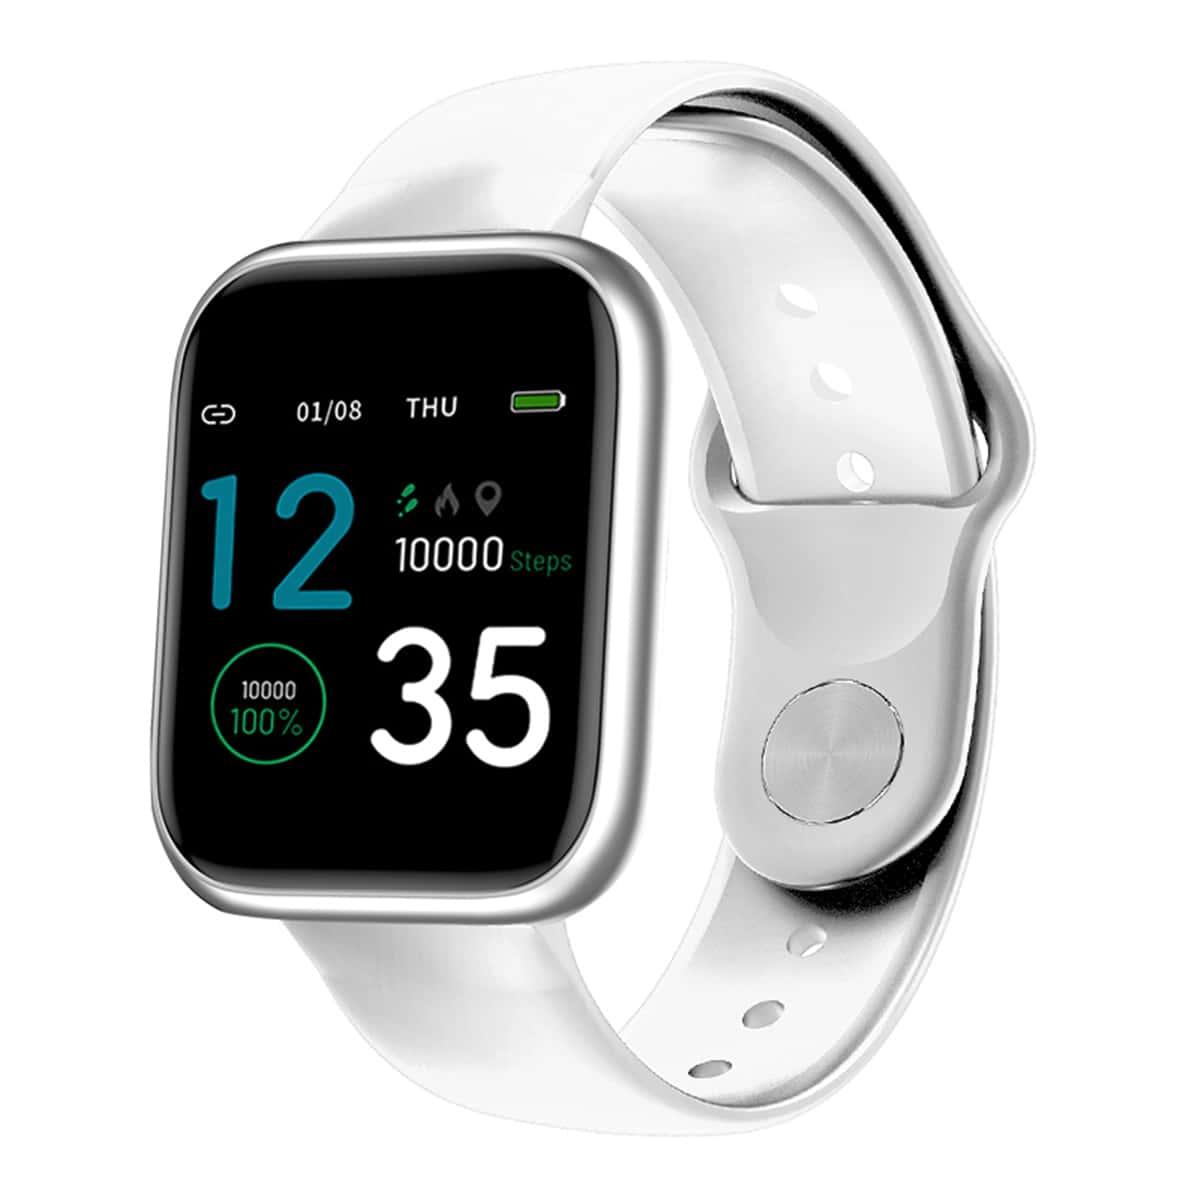 Смарт-часы для монитора артериального давления и фитнес-трекера